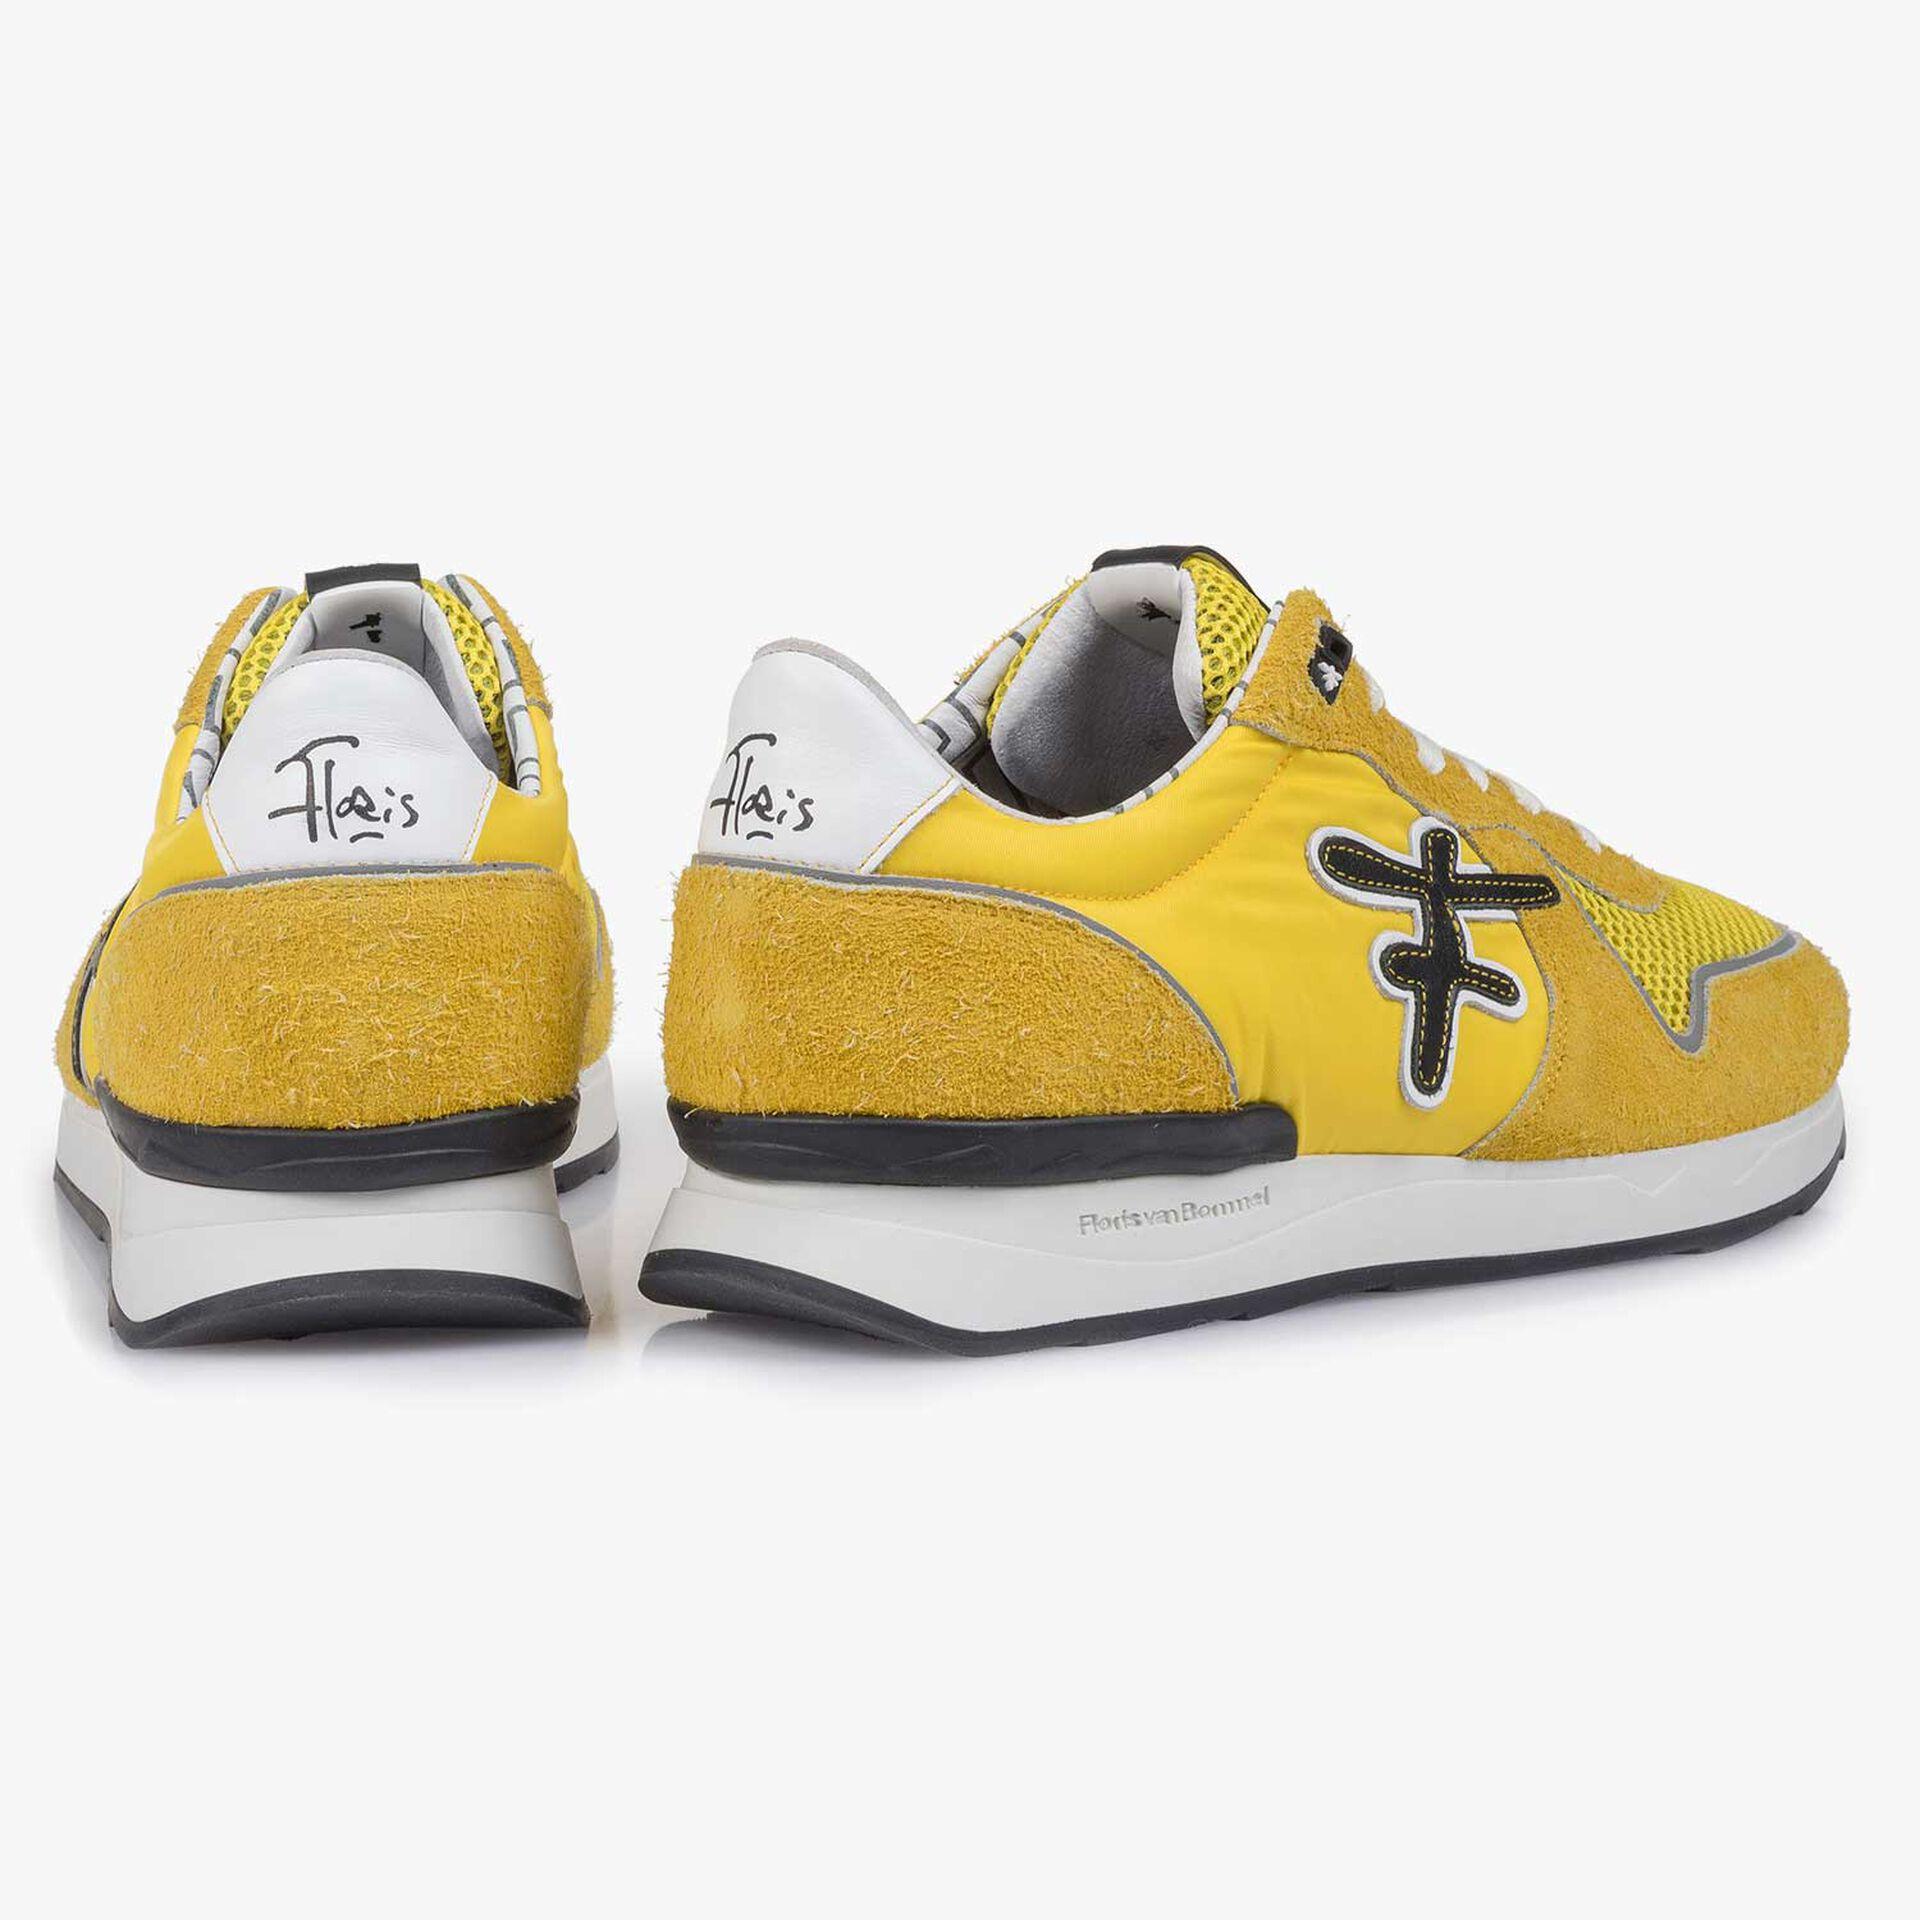 Gelb-schwarzer Wildleder-Sneaker